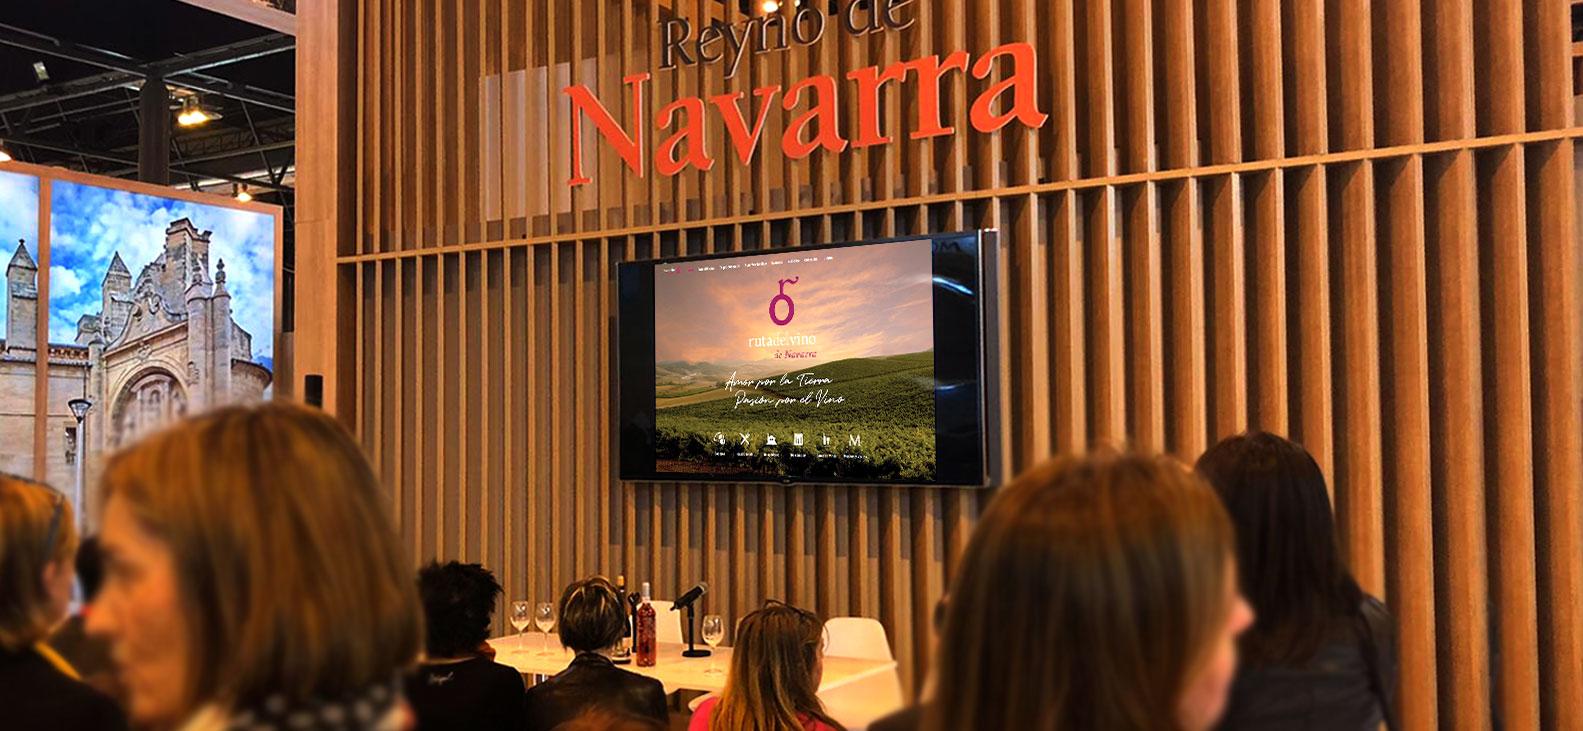 Empresa de publicidad y marketing especializada en el mundo del vino, de las bodegas y del turismo rural y sostenible. Localizada en Navarra Pamplona- Rutal del Vino de Navarra.